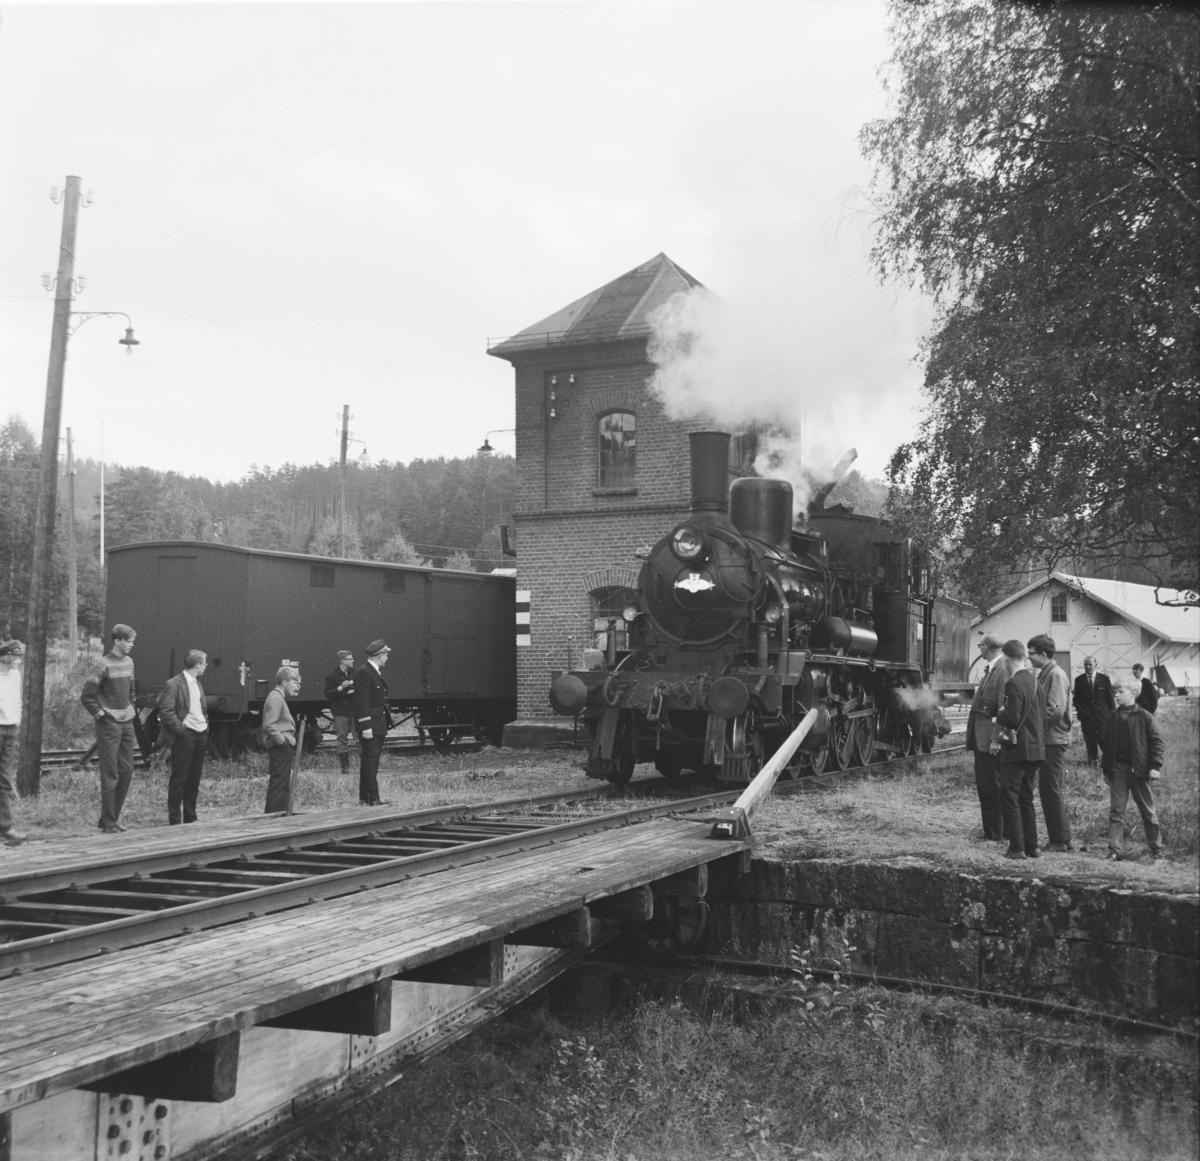 A/L Hølandsbanens veterantog har ankommet Krøderen stasjon. Damplok 18c 245 ved vanntårn og svingskive.